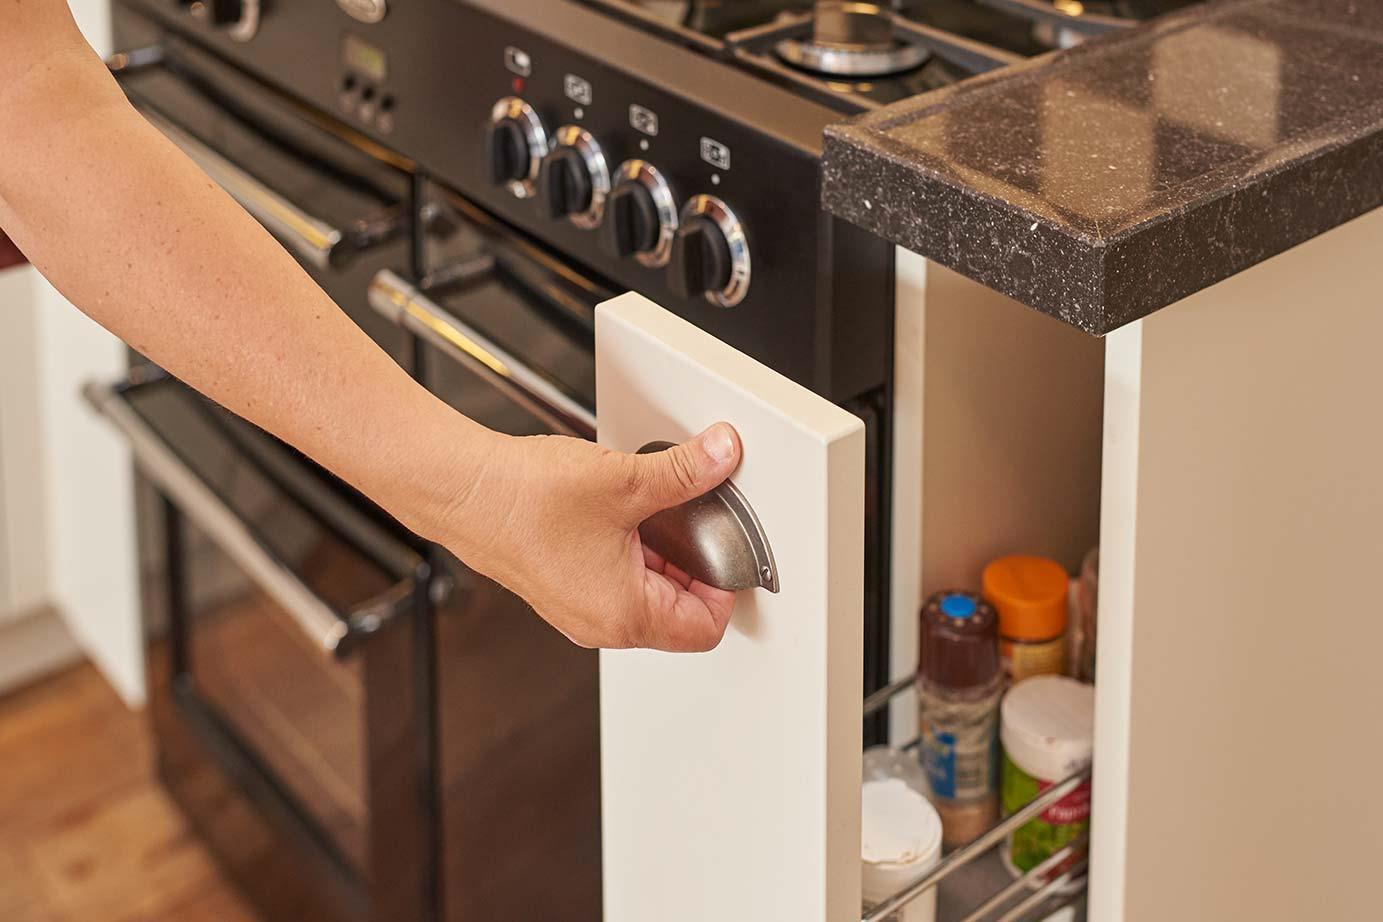 Standaard Keuken Maten : Standaard hoogte en diepte van aanrechtblad en keukenkast db keukens